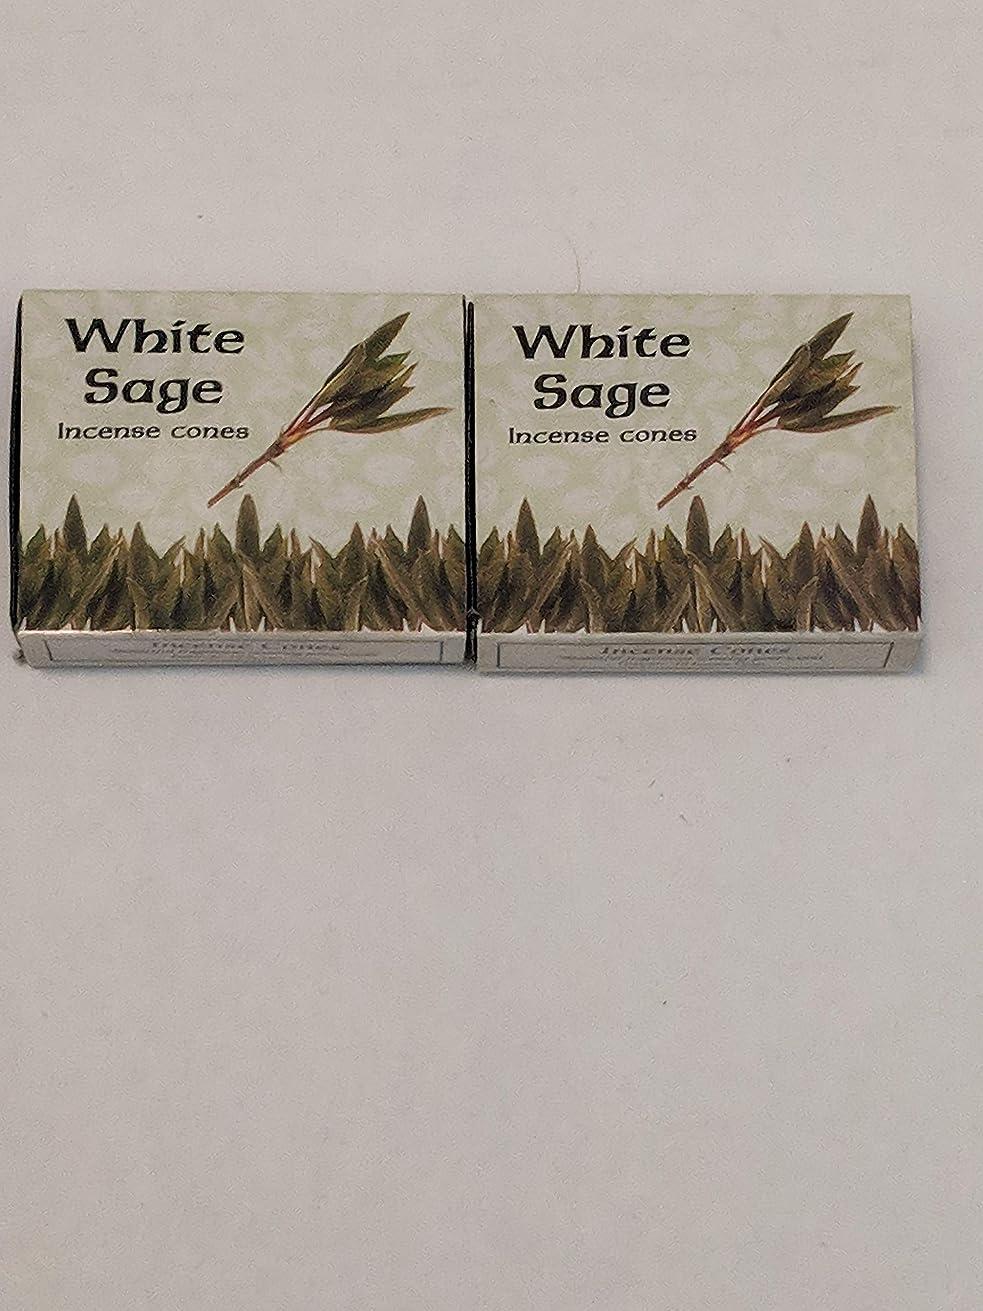 不合格カッター自分Kamini ホワイトセージ線香 マルチパック 2 Packs (20 Cones) ブラウン